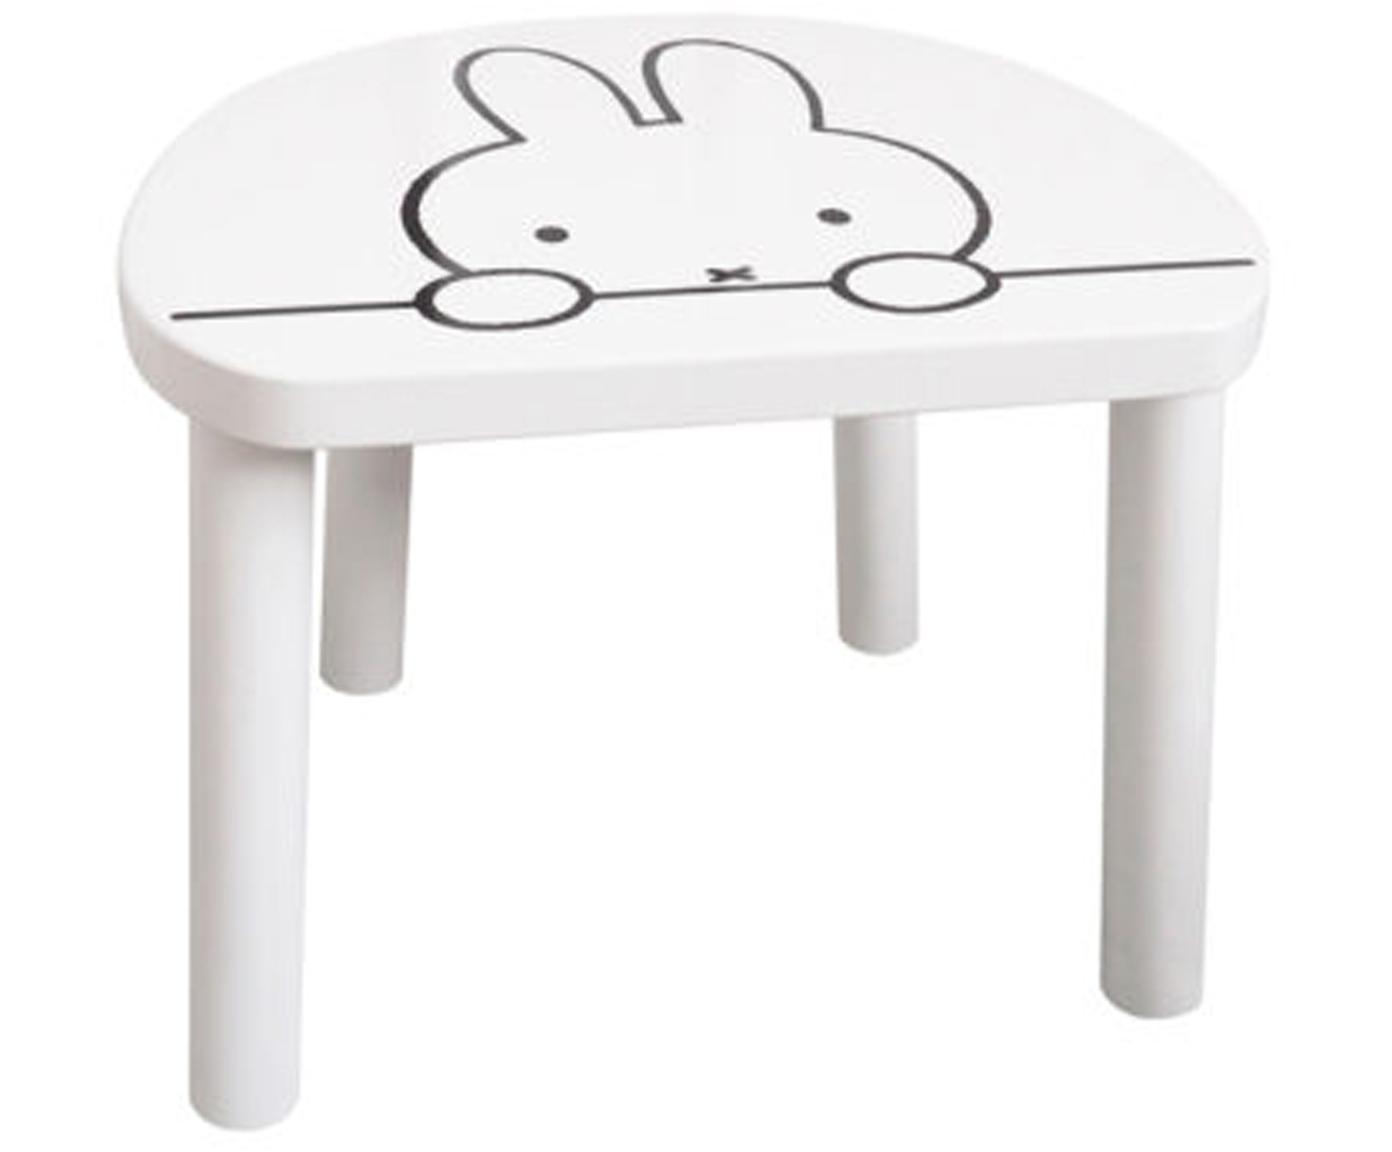 Kinderhocker Miffy, Sitzfläche: Mitteldichte Holzfaserpla, Beine: Kiefernholz, Weiß, Schwarz, 32 x 25 cm